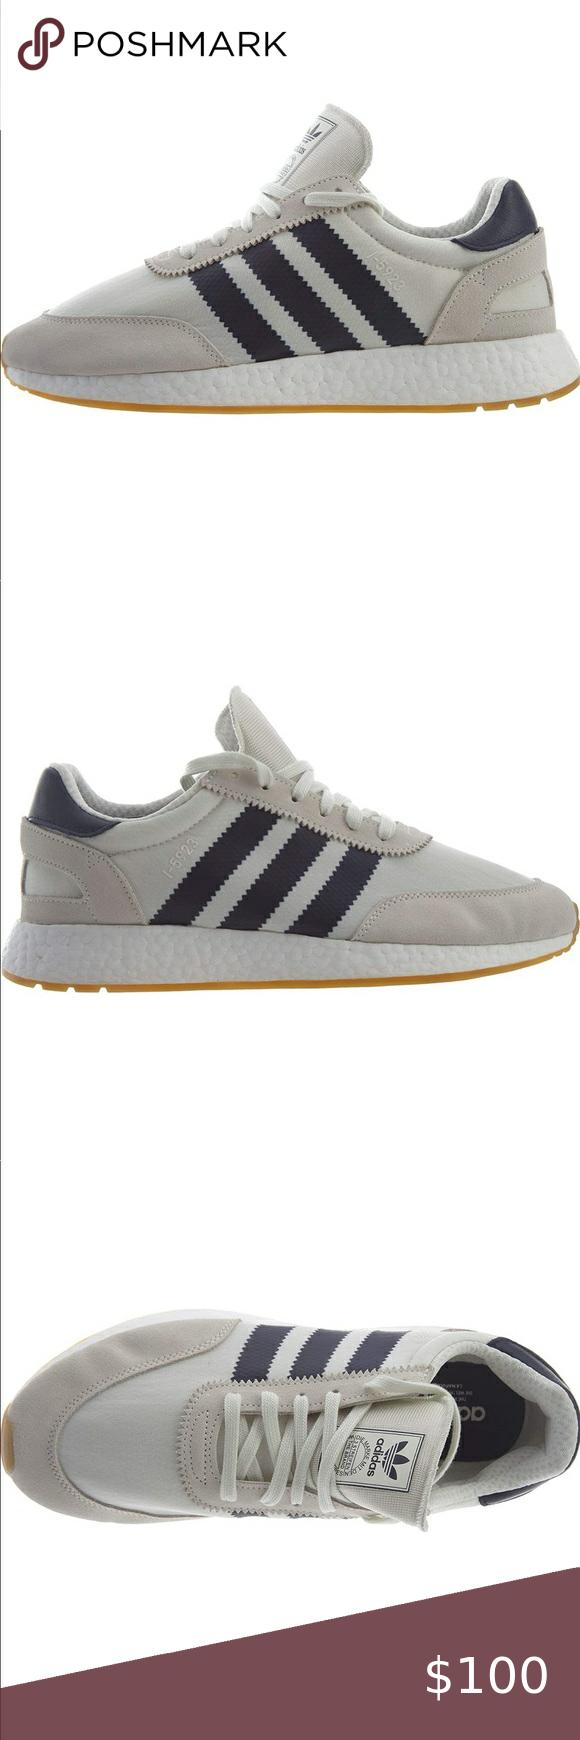 adidas Originals I-5923 Shoe size 10 NWT   Shoes, Adidas, Shoes ...